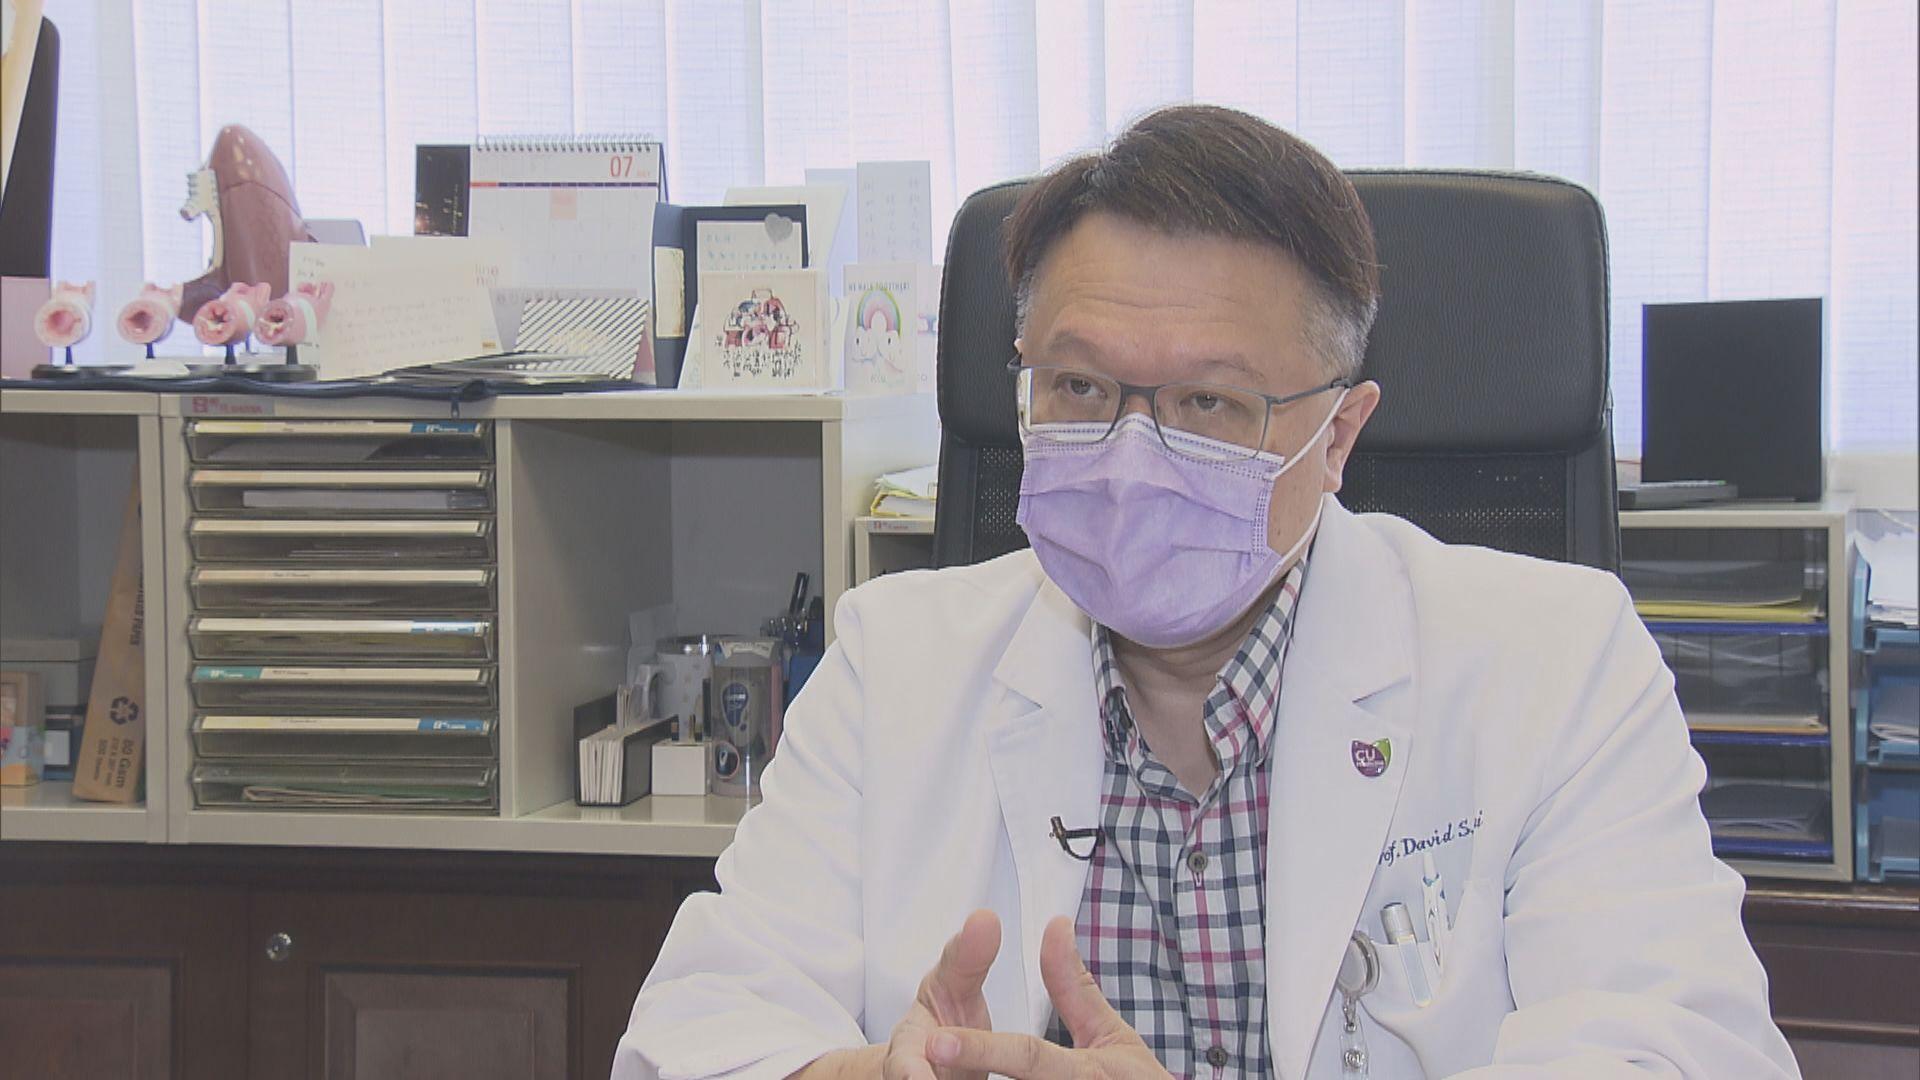 許樹昌:流感及新冠病毒同時爆發機會不大